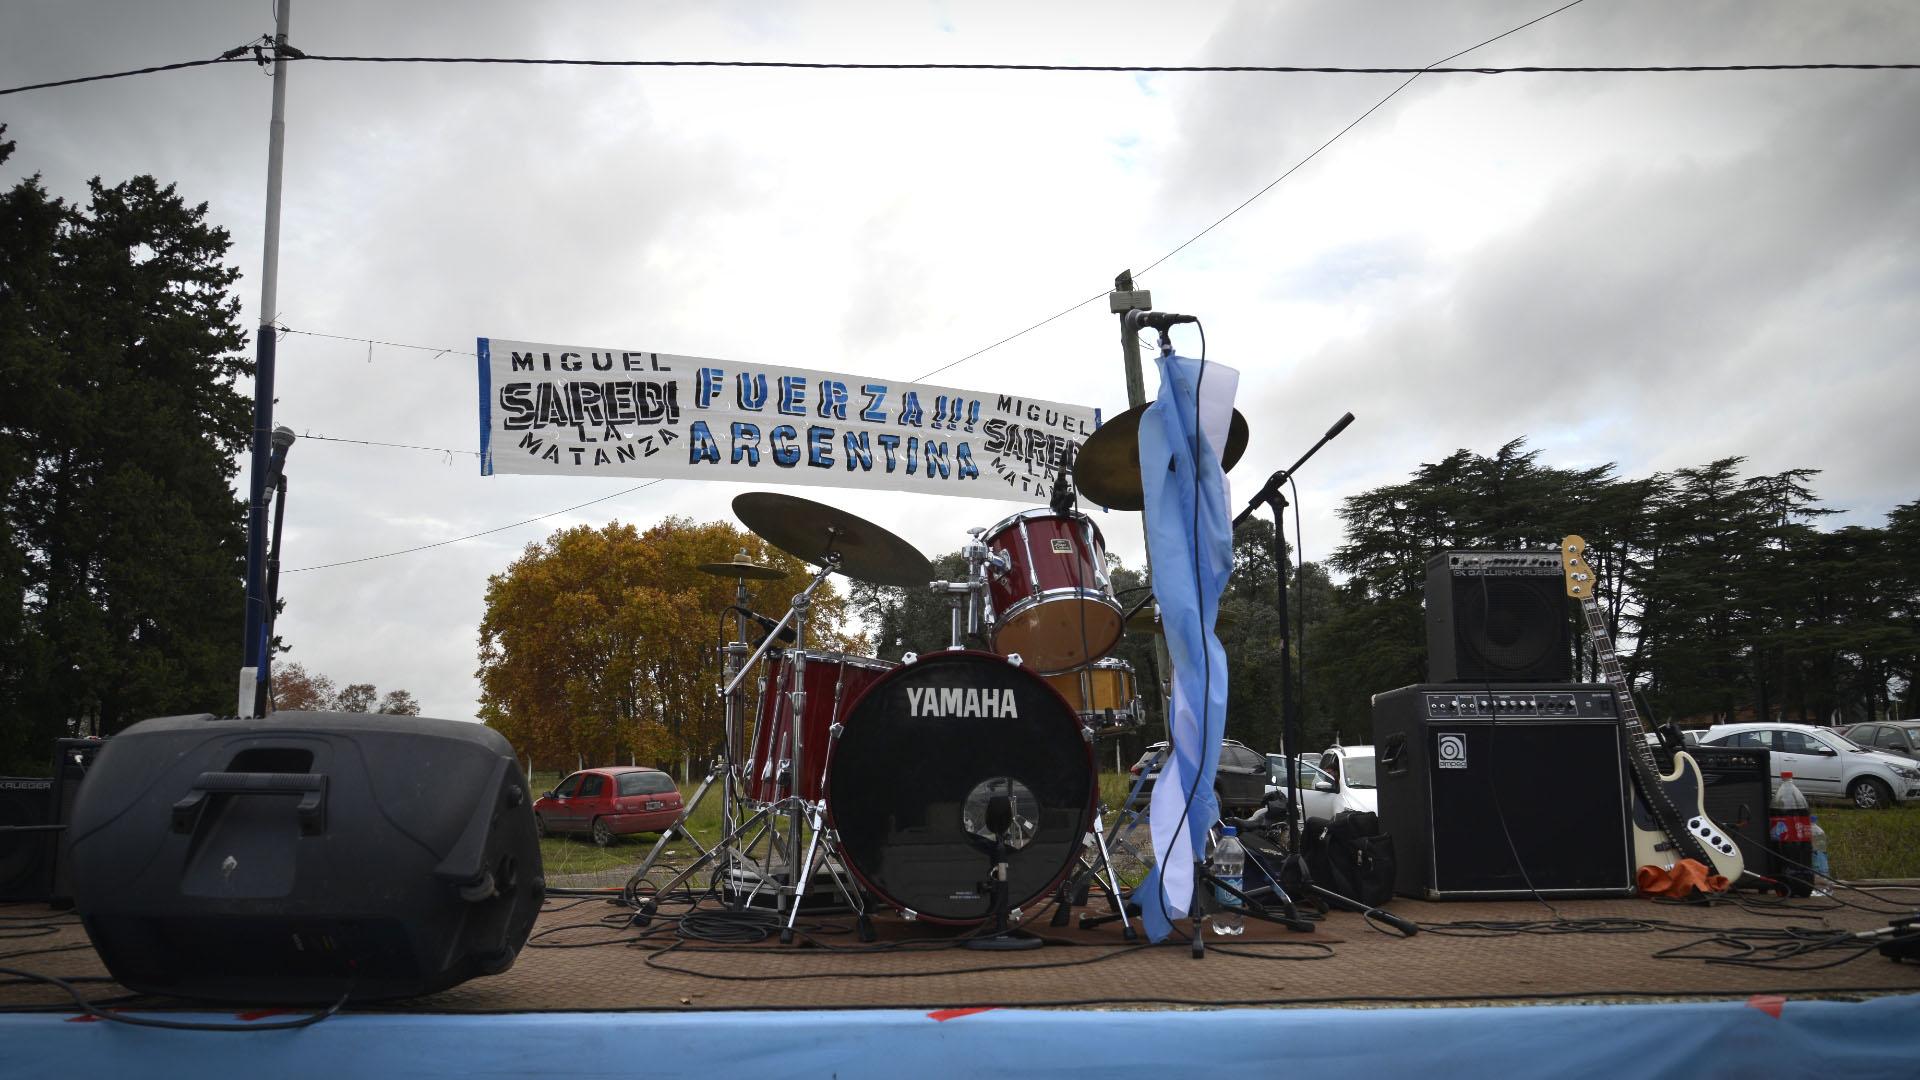 El escenario que se montó en las inmediaciones del predio con una banda de rock